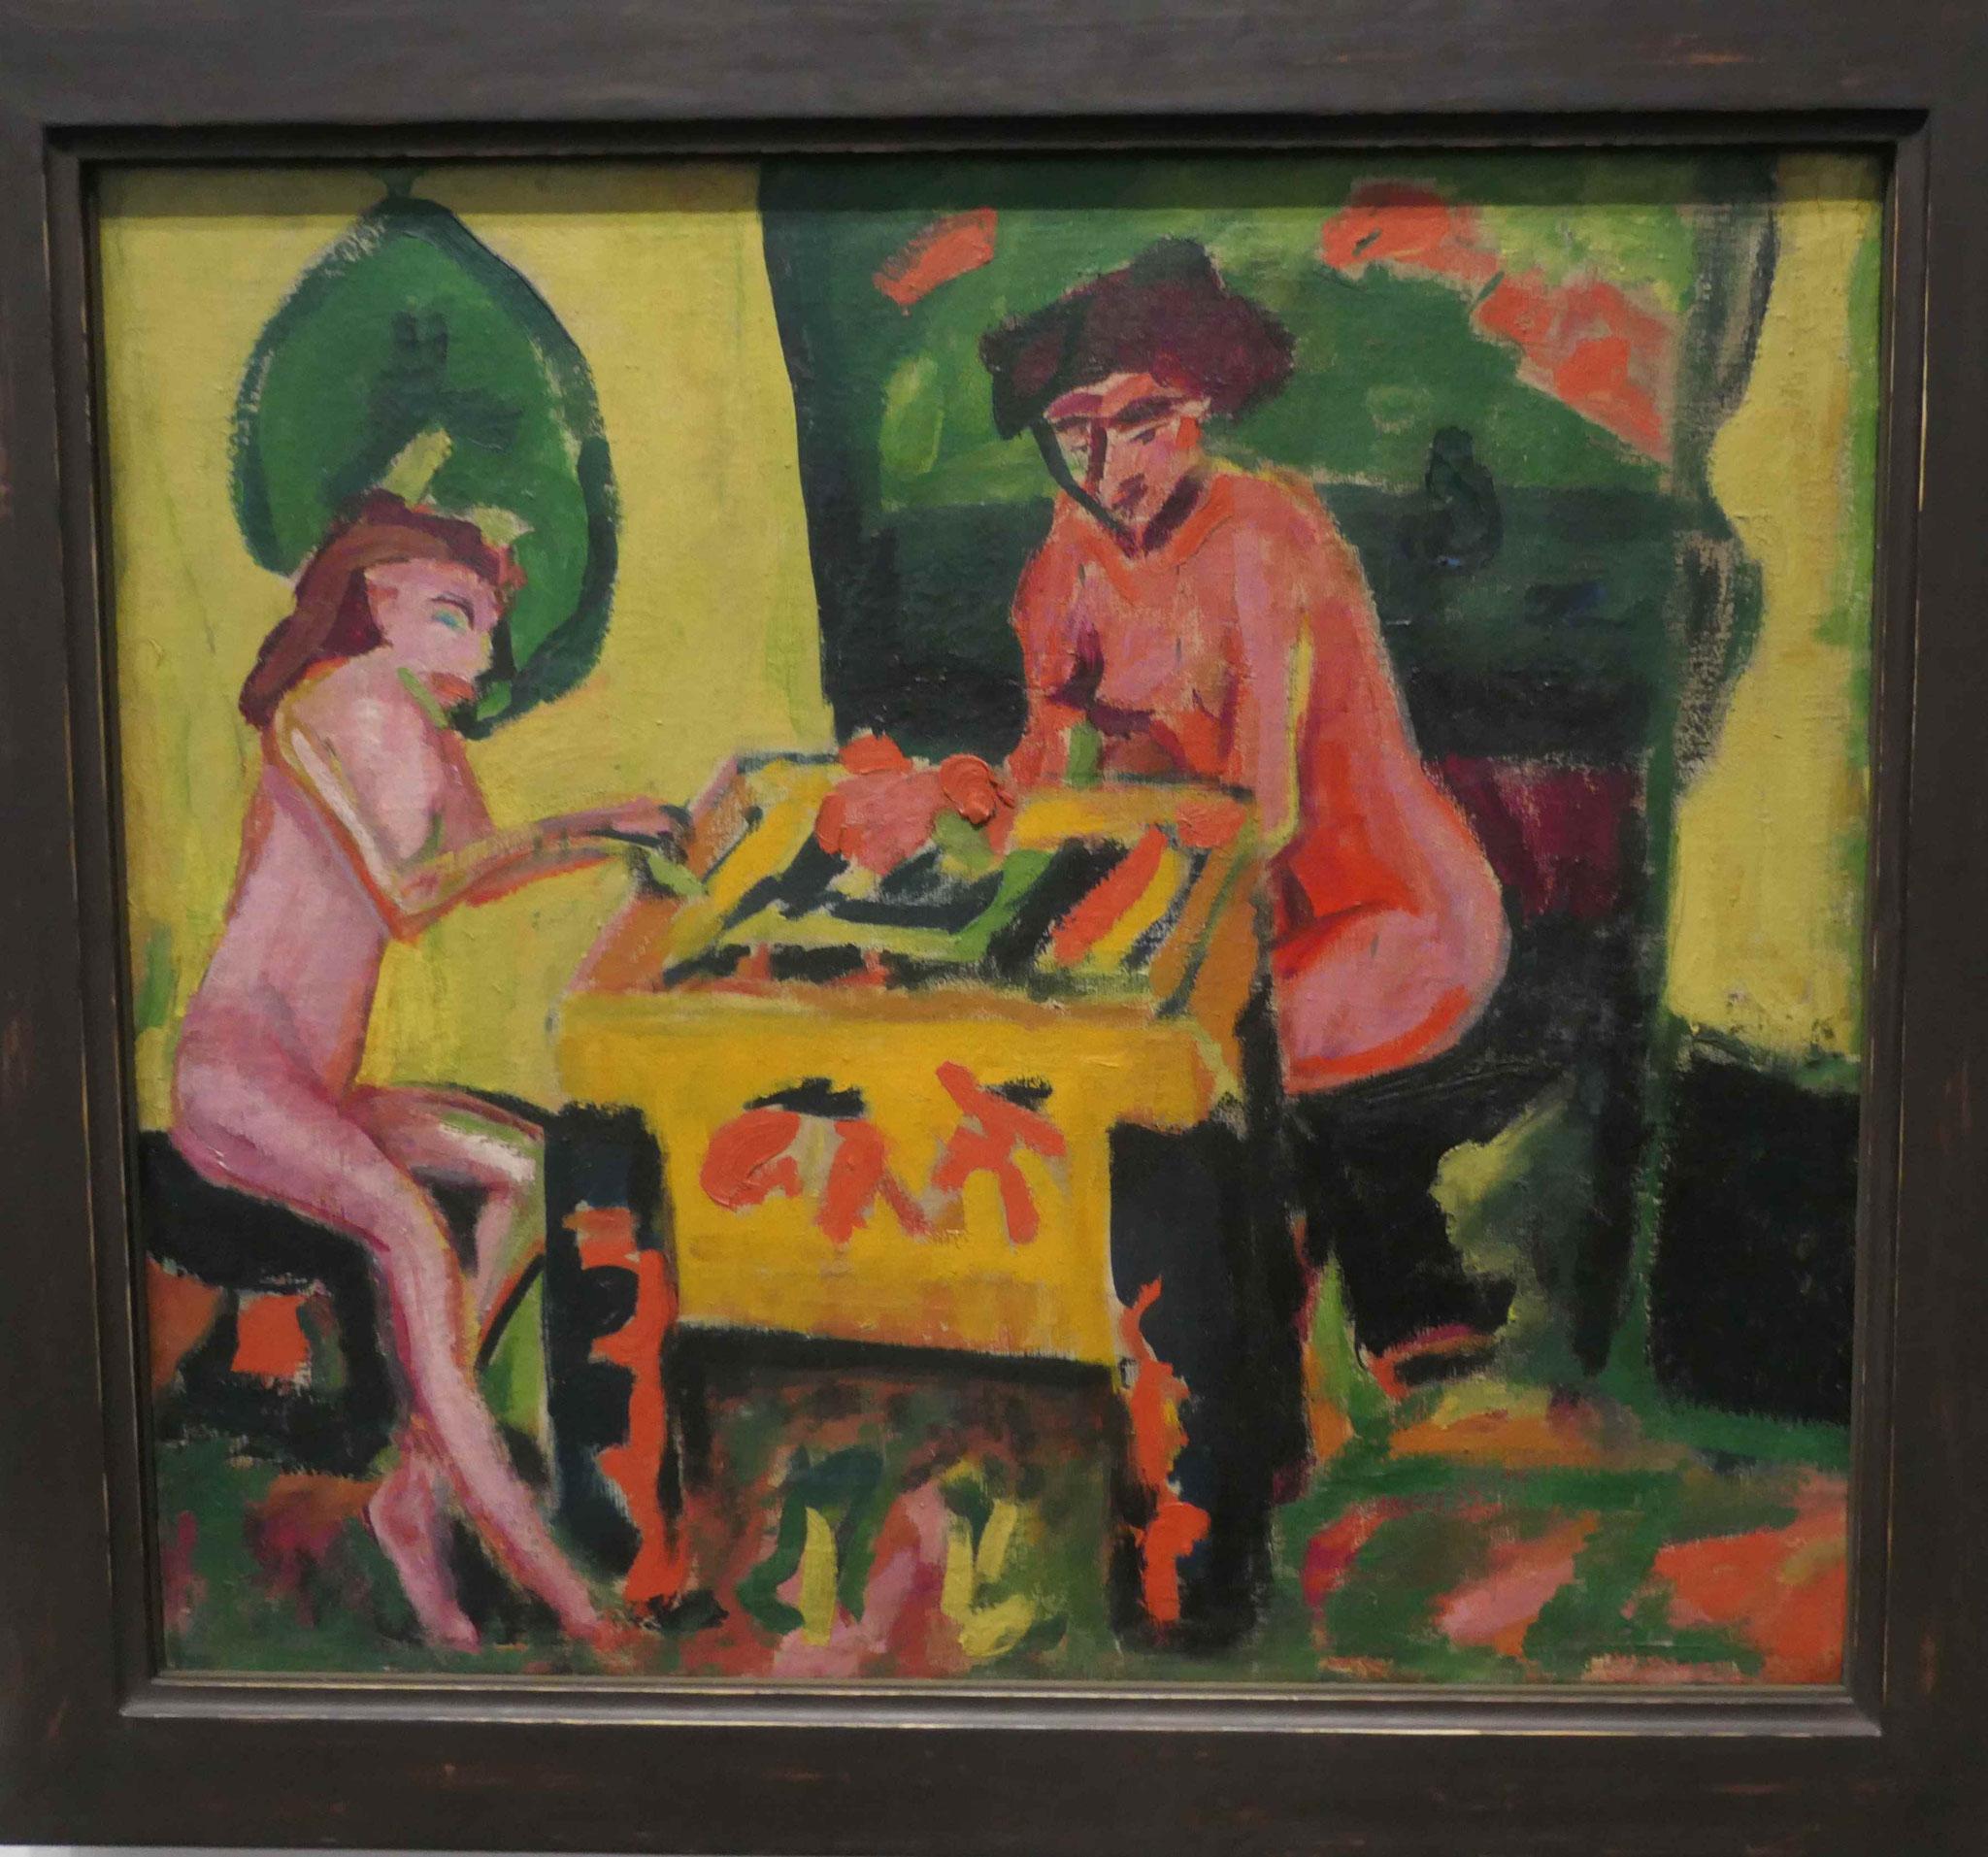 Erich Heckel, Die beiden Schwestern, 1910, Neue Nationalgalerie Berlin